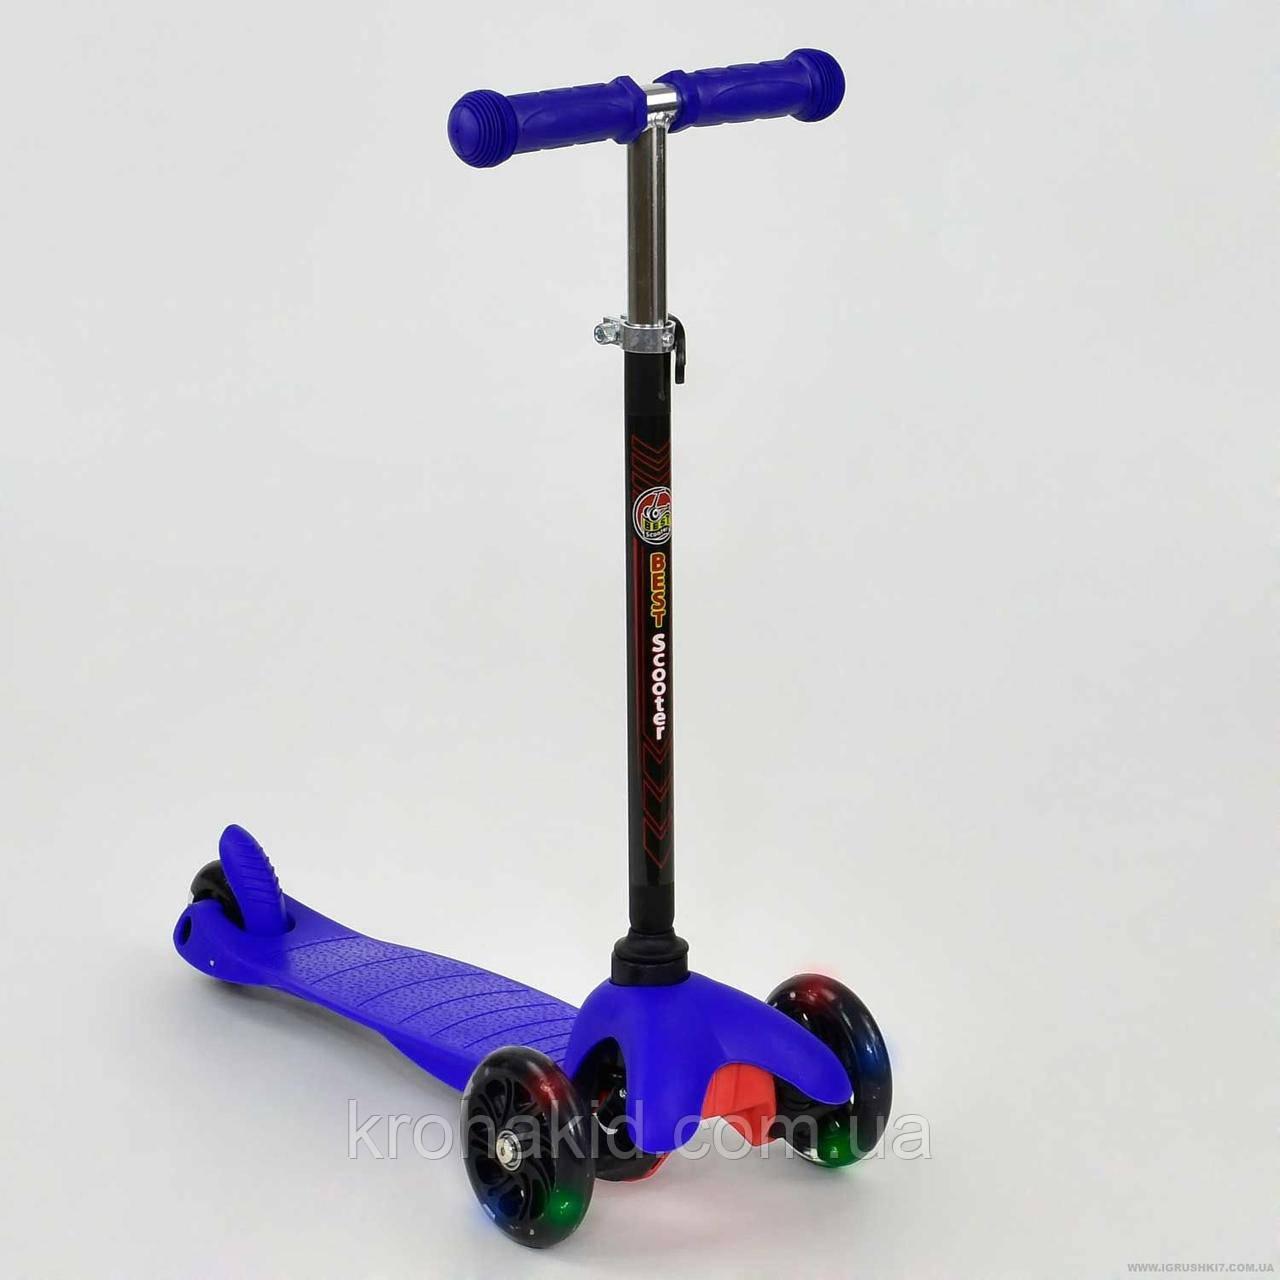 Самокат Best Scooter MINI 466-112 (CИНИЙ, ЖЕЛТЫЙ, КРАСНЫЙ, ОРАНЖЕВЫЙ, РОЗОВЫЙ, ФИОЛЕТОВЫЙ)